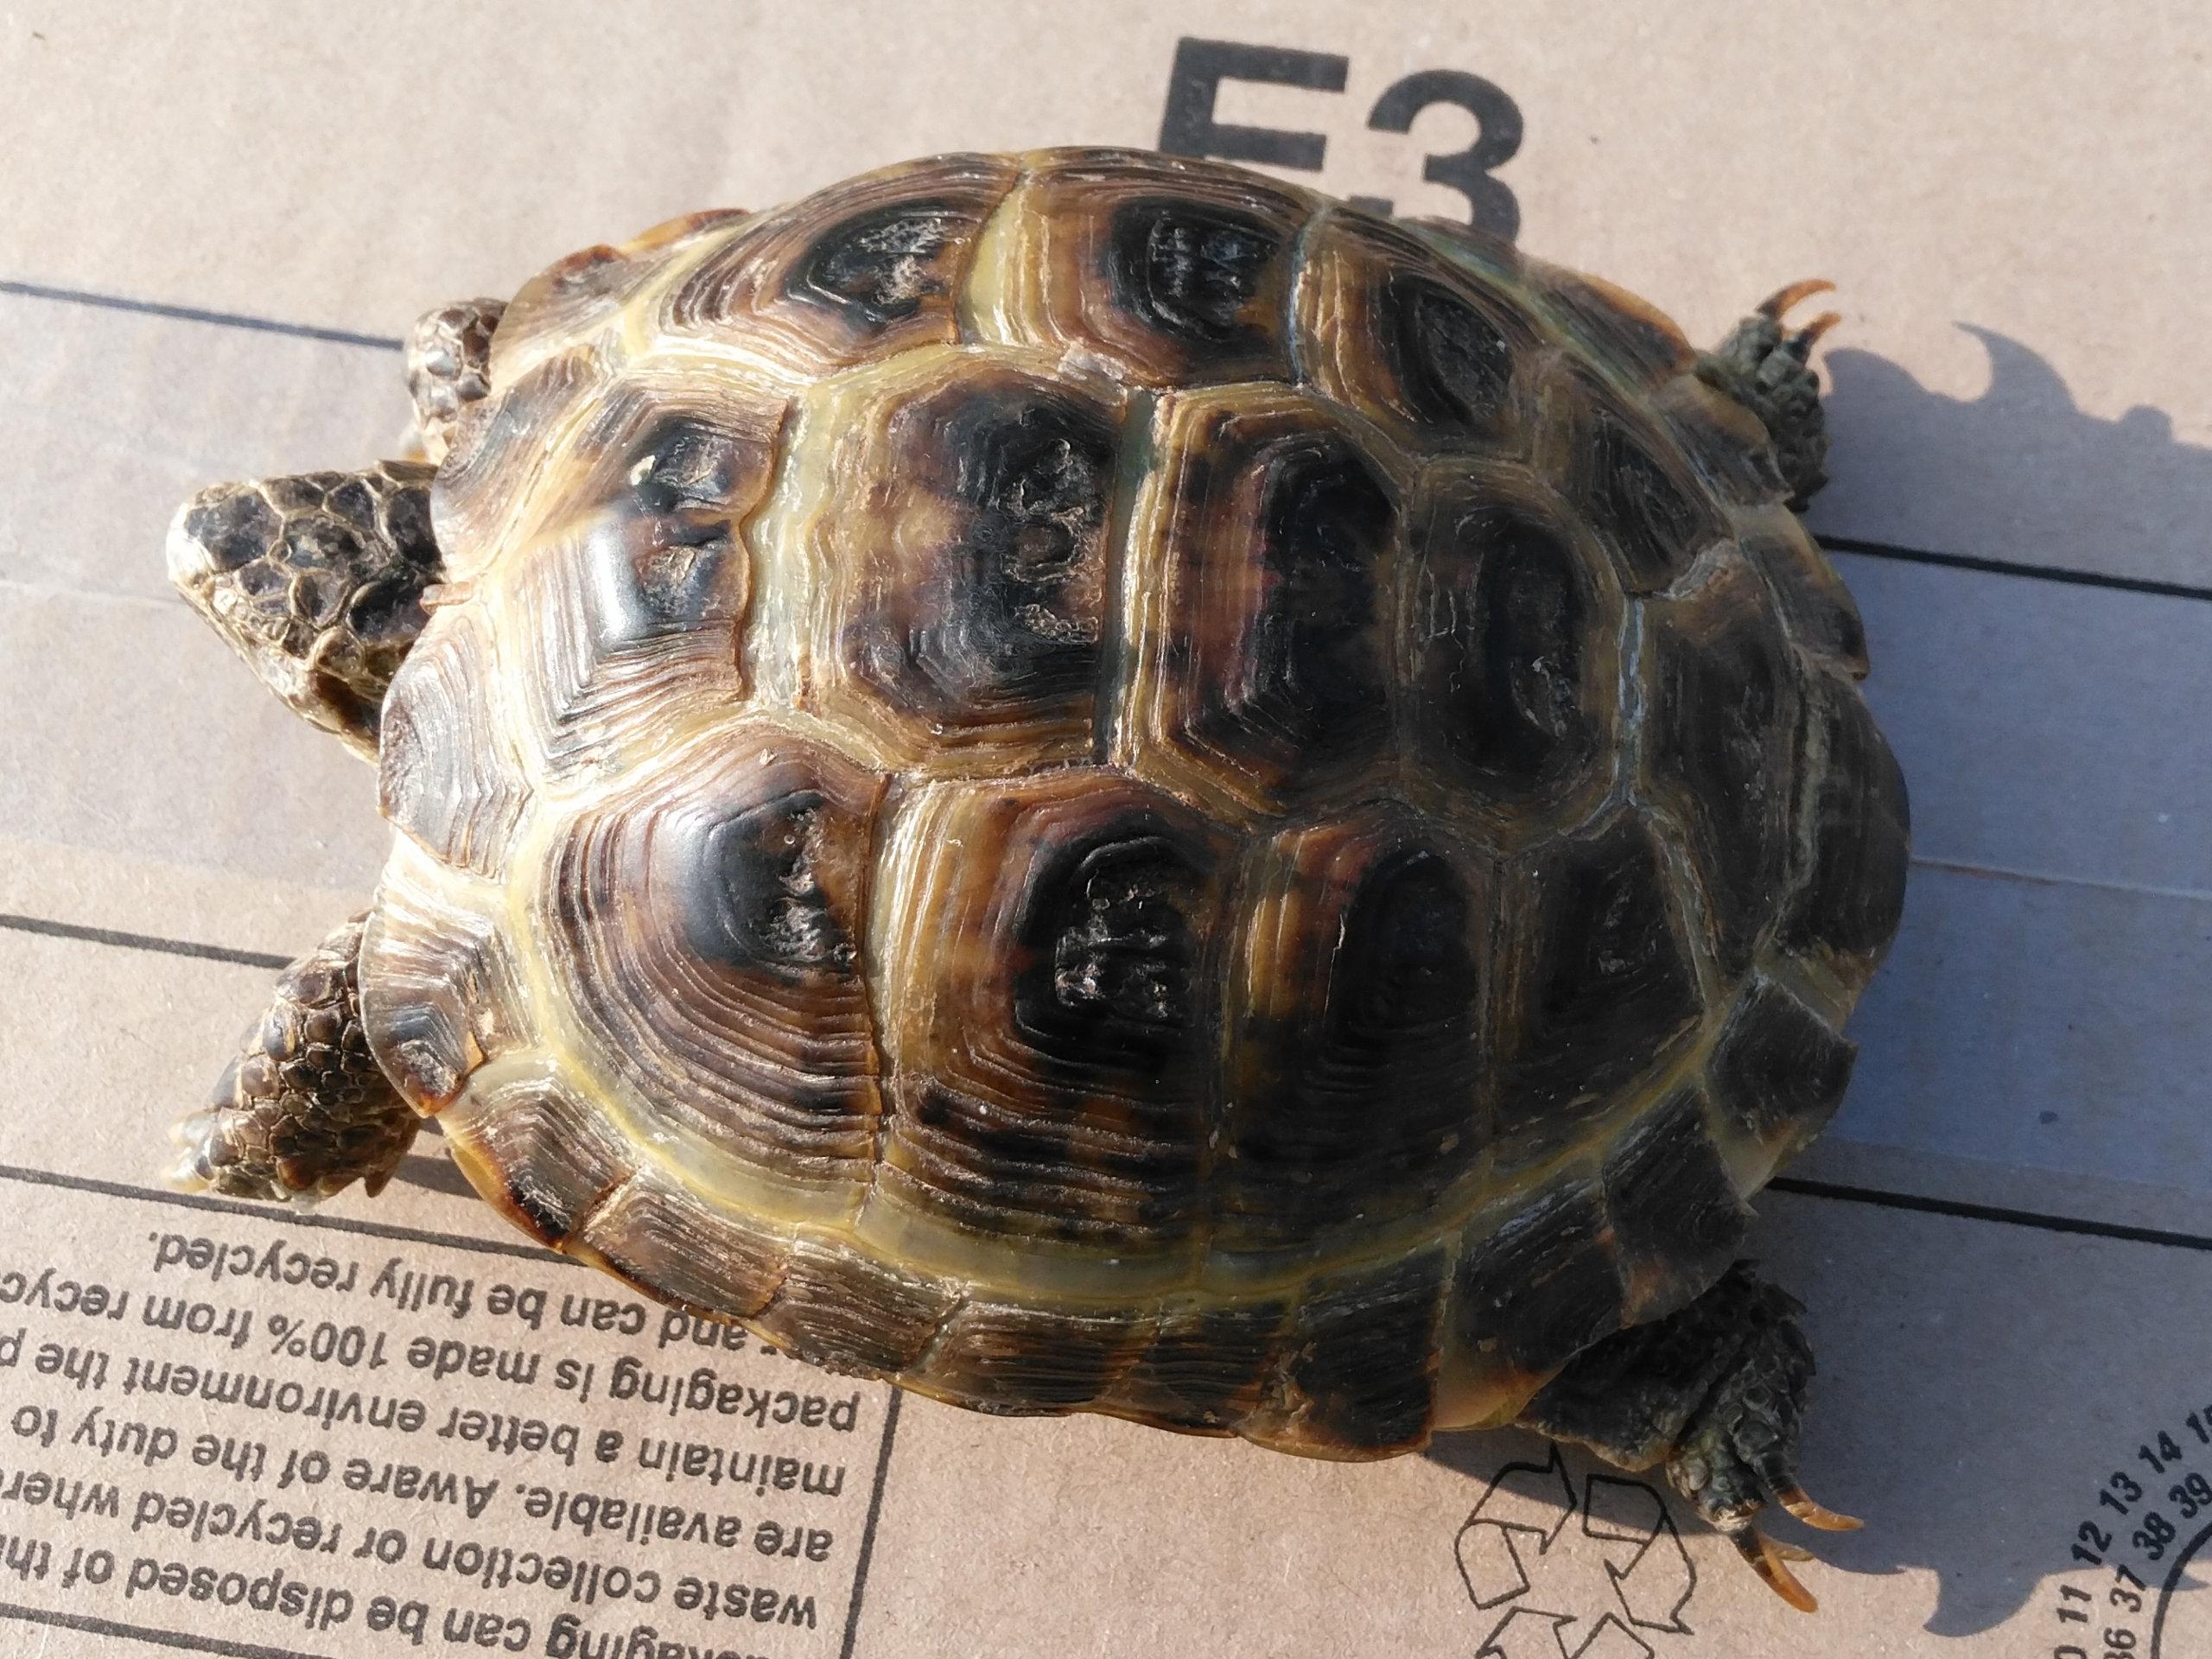 Help Me How Can I Deflesh A Tortoise Sauropod Vertebra Picture